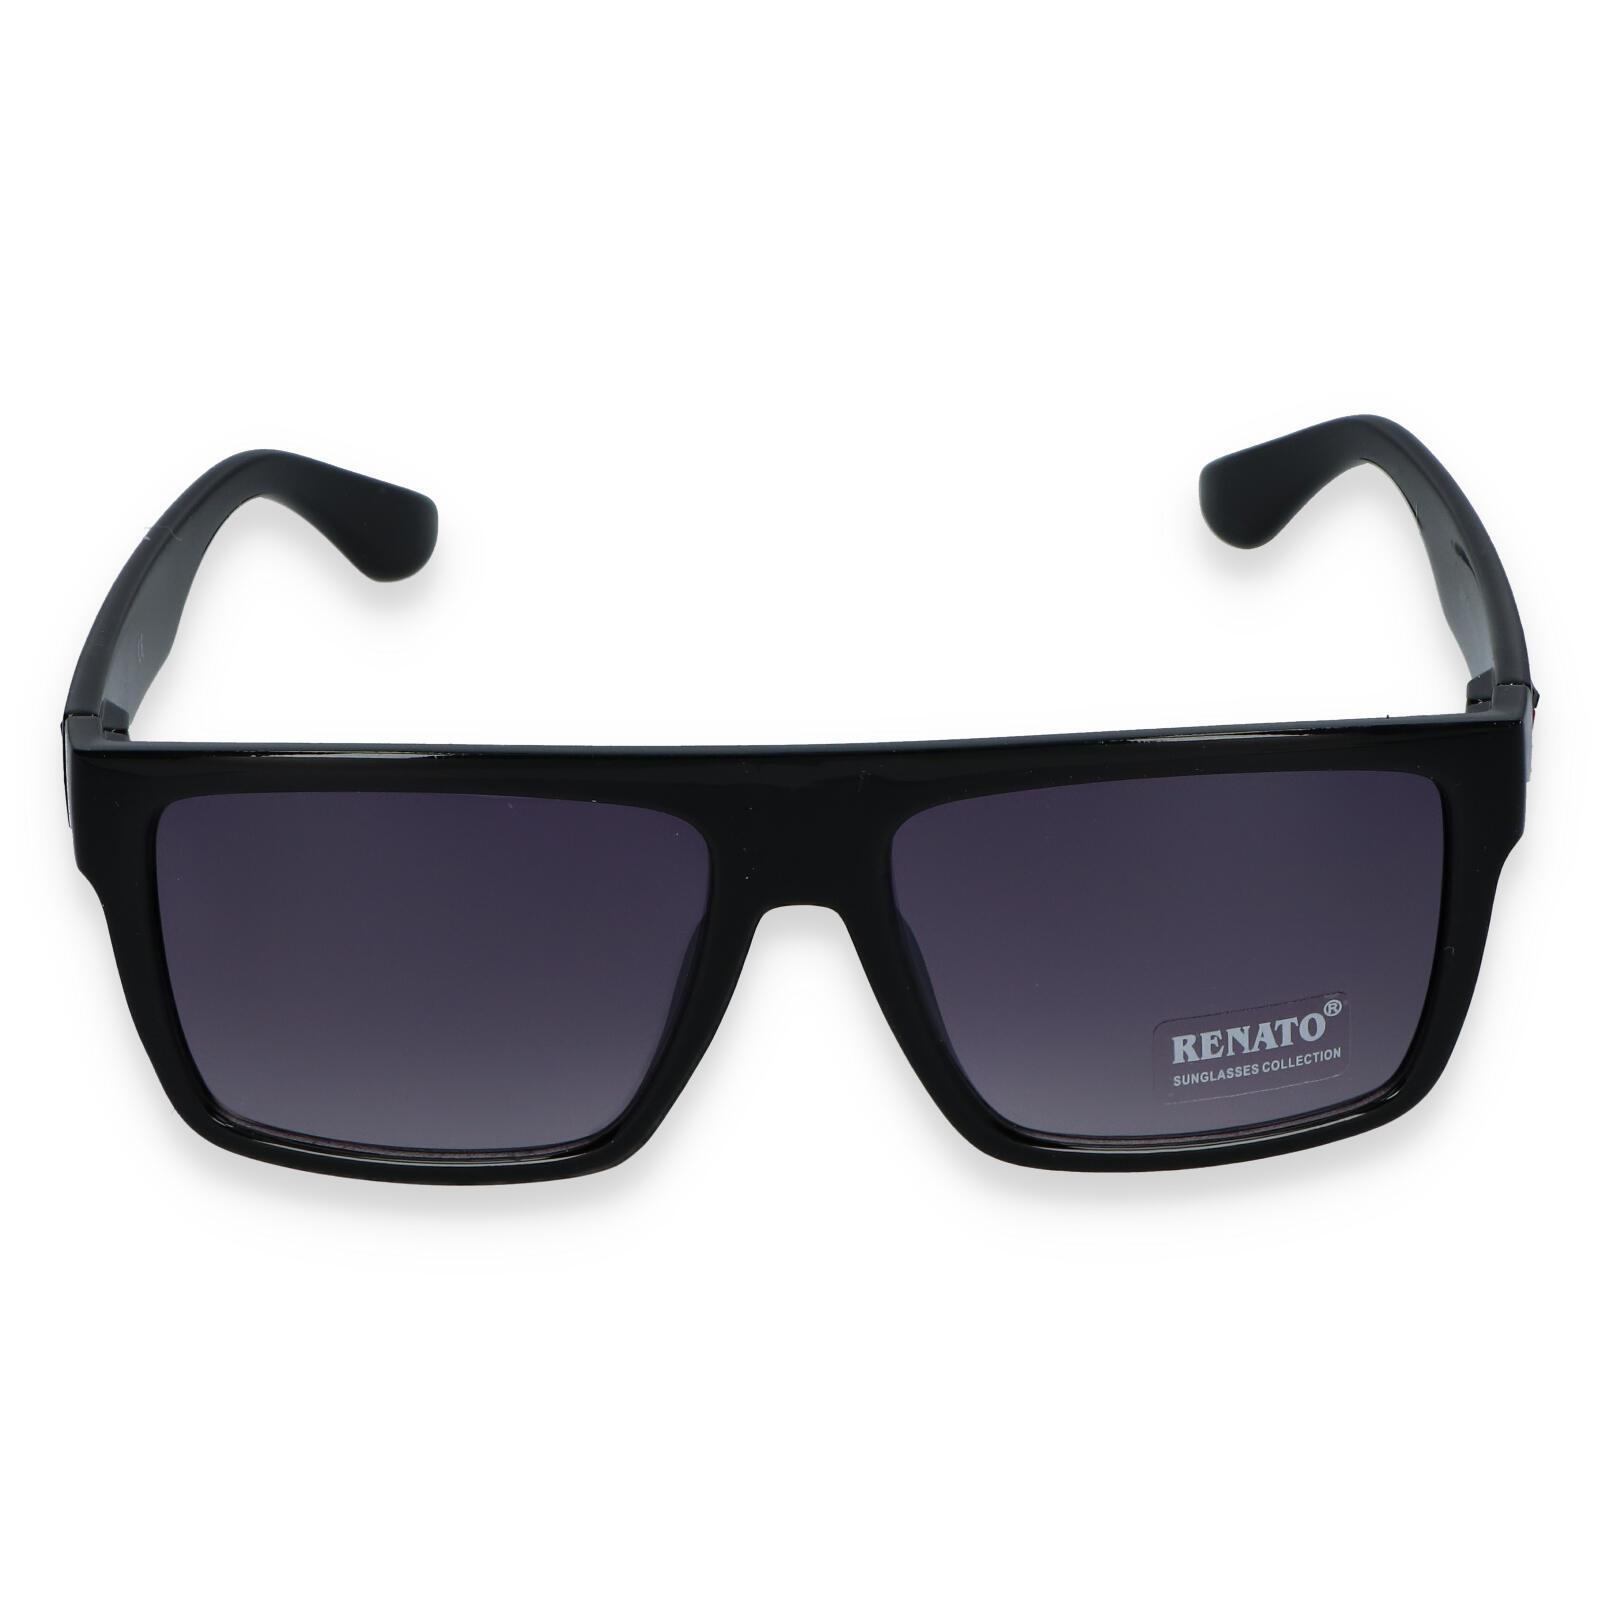 Dámske slnečné okuliare čierne - R0542